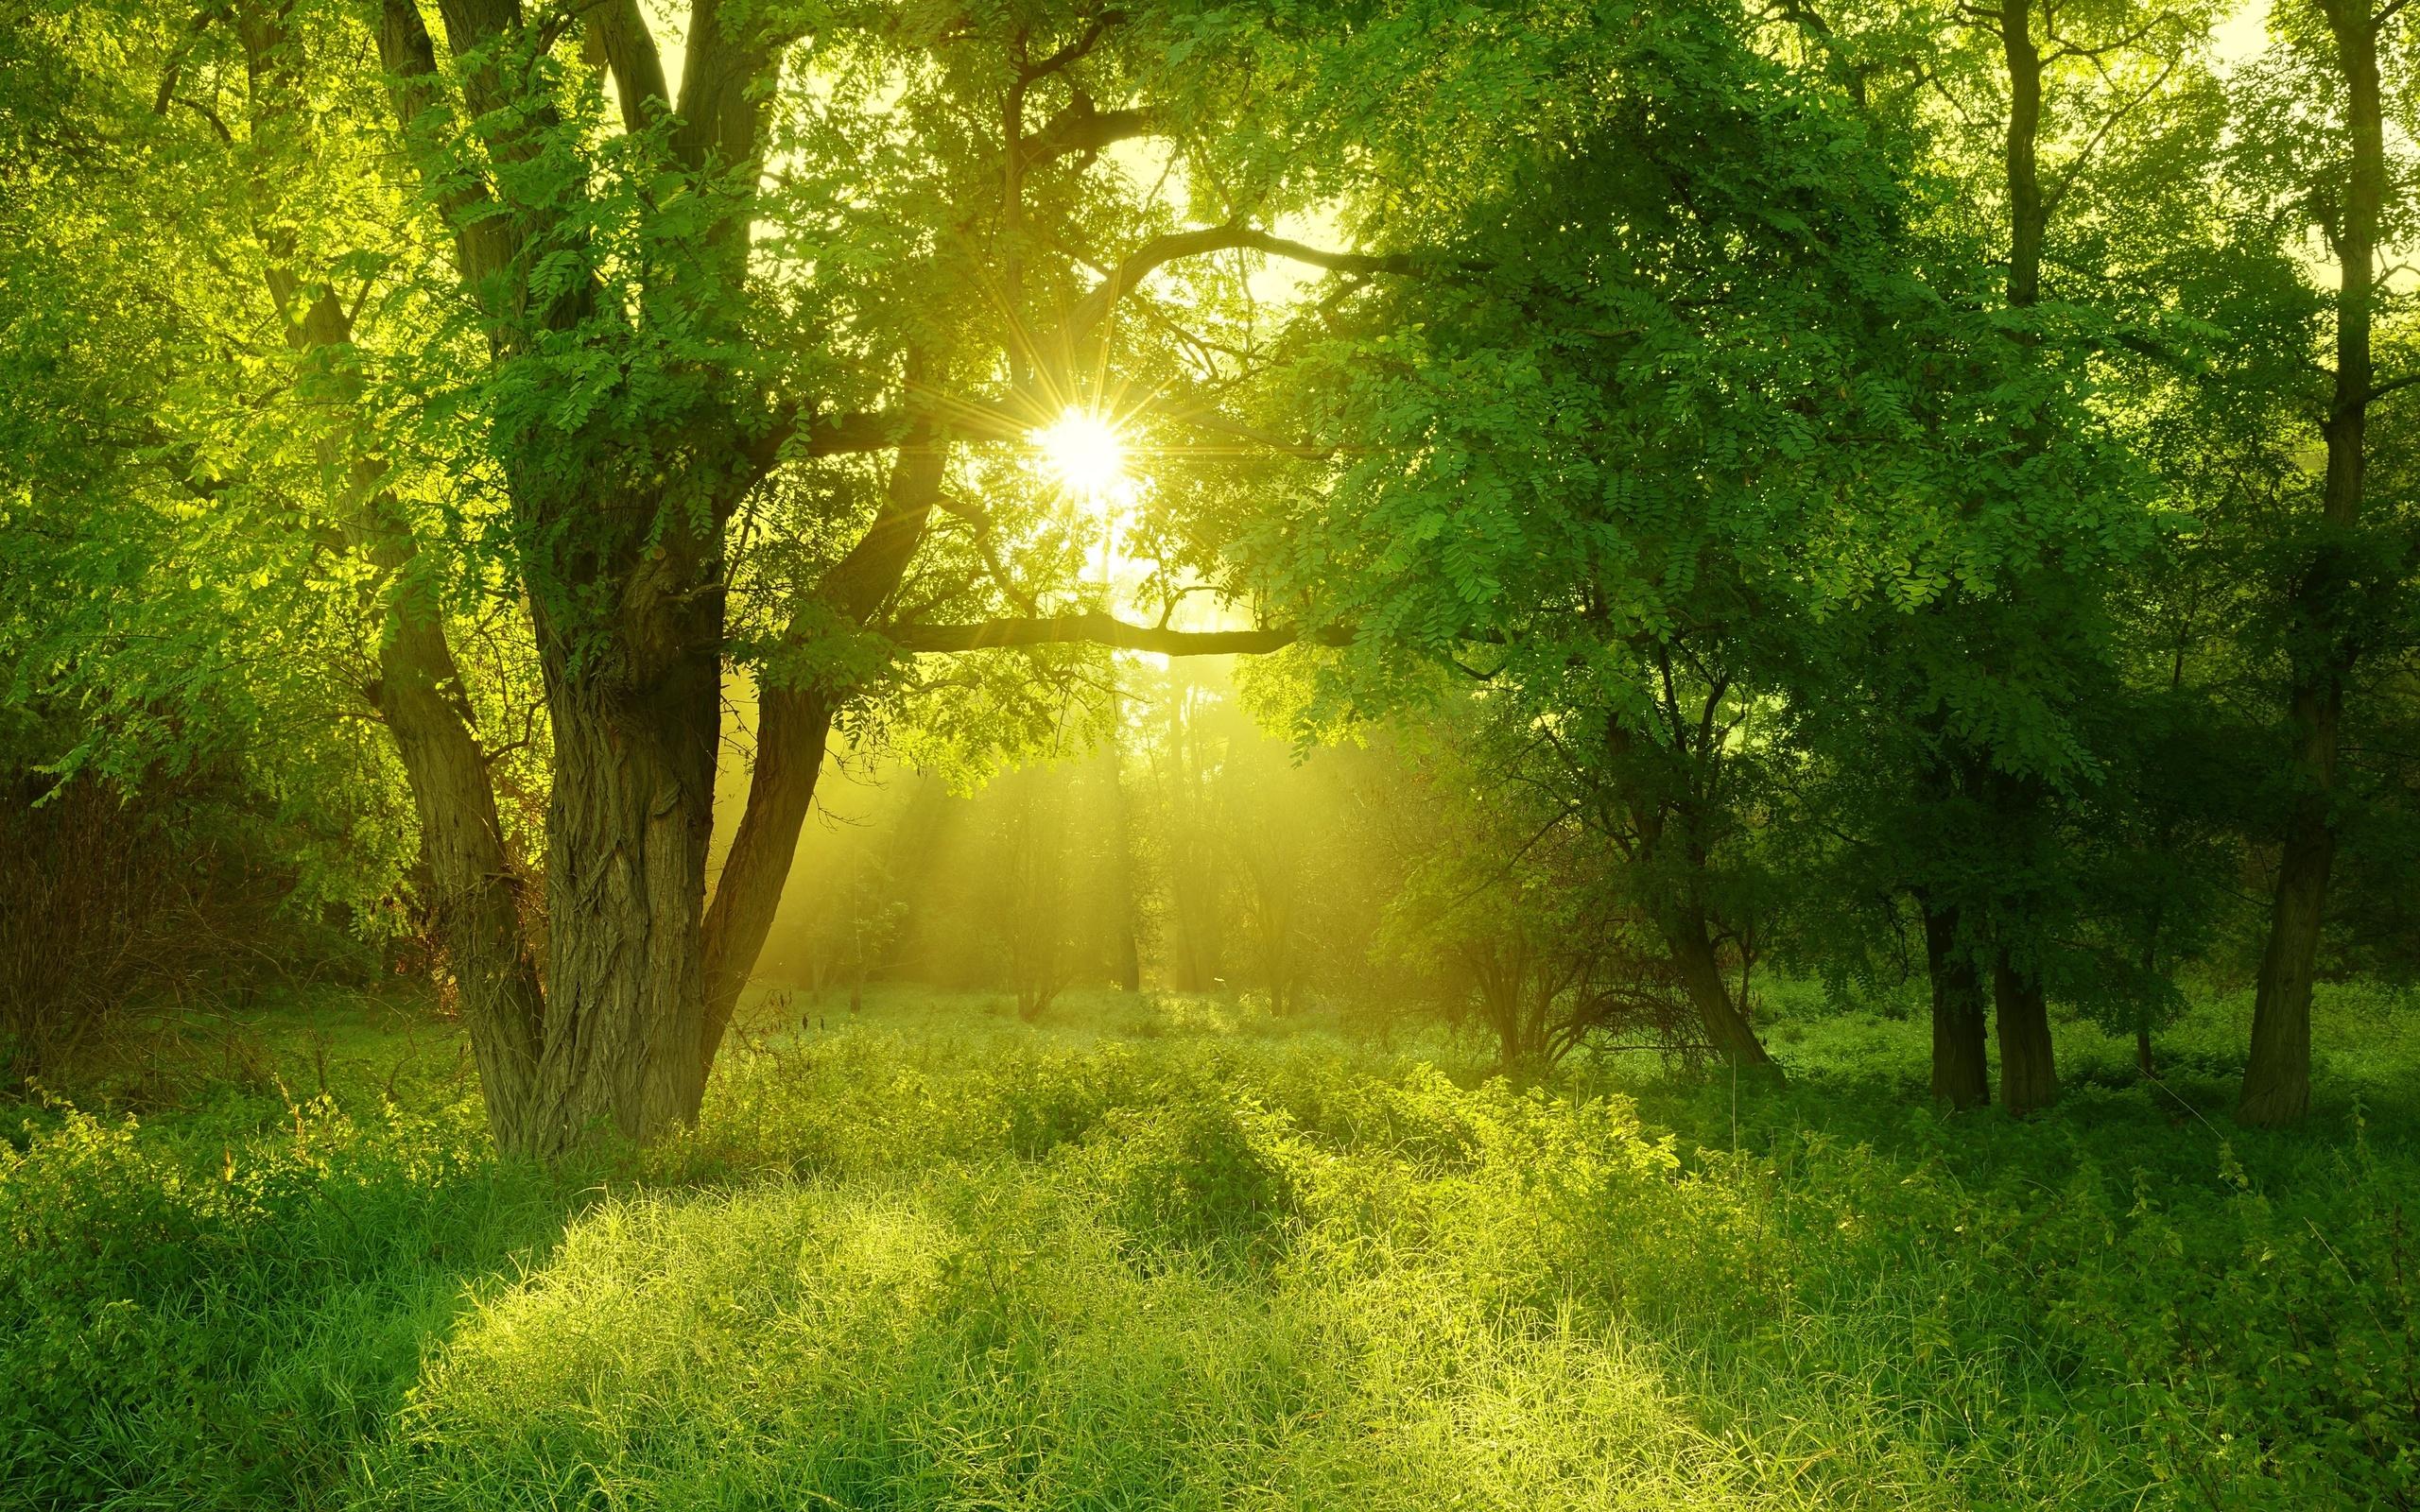 солнечная природа картинки помещение